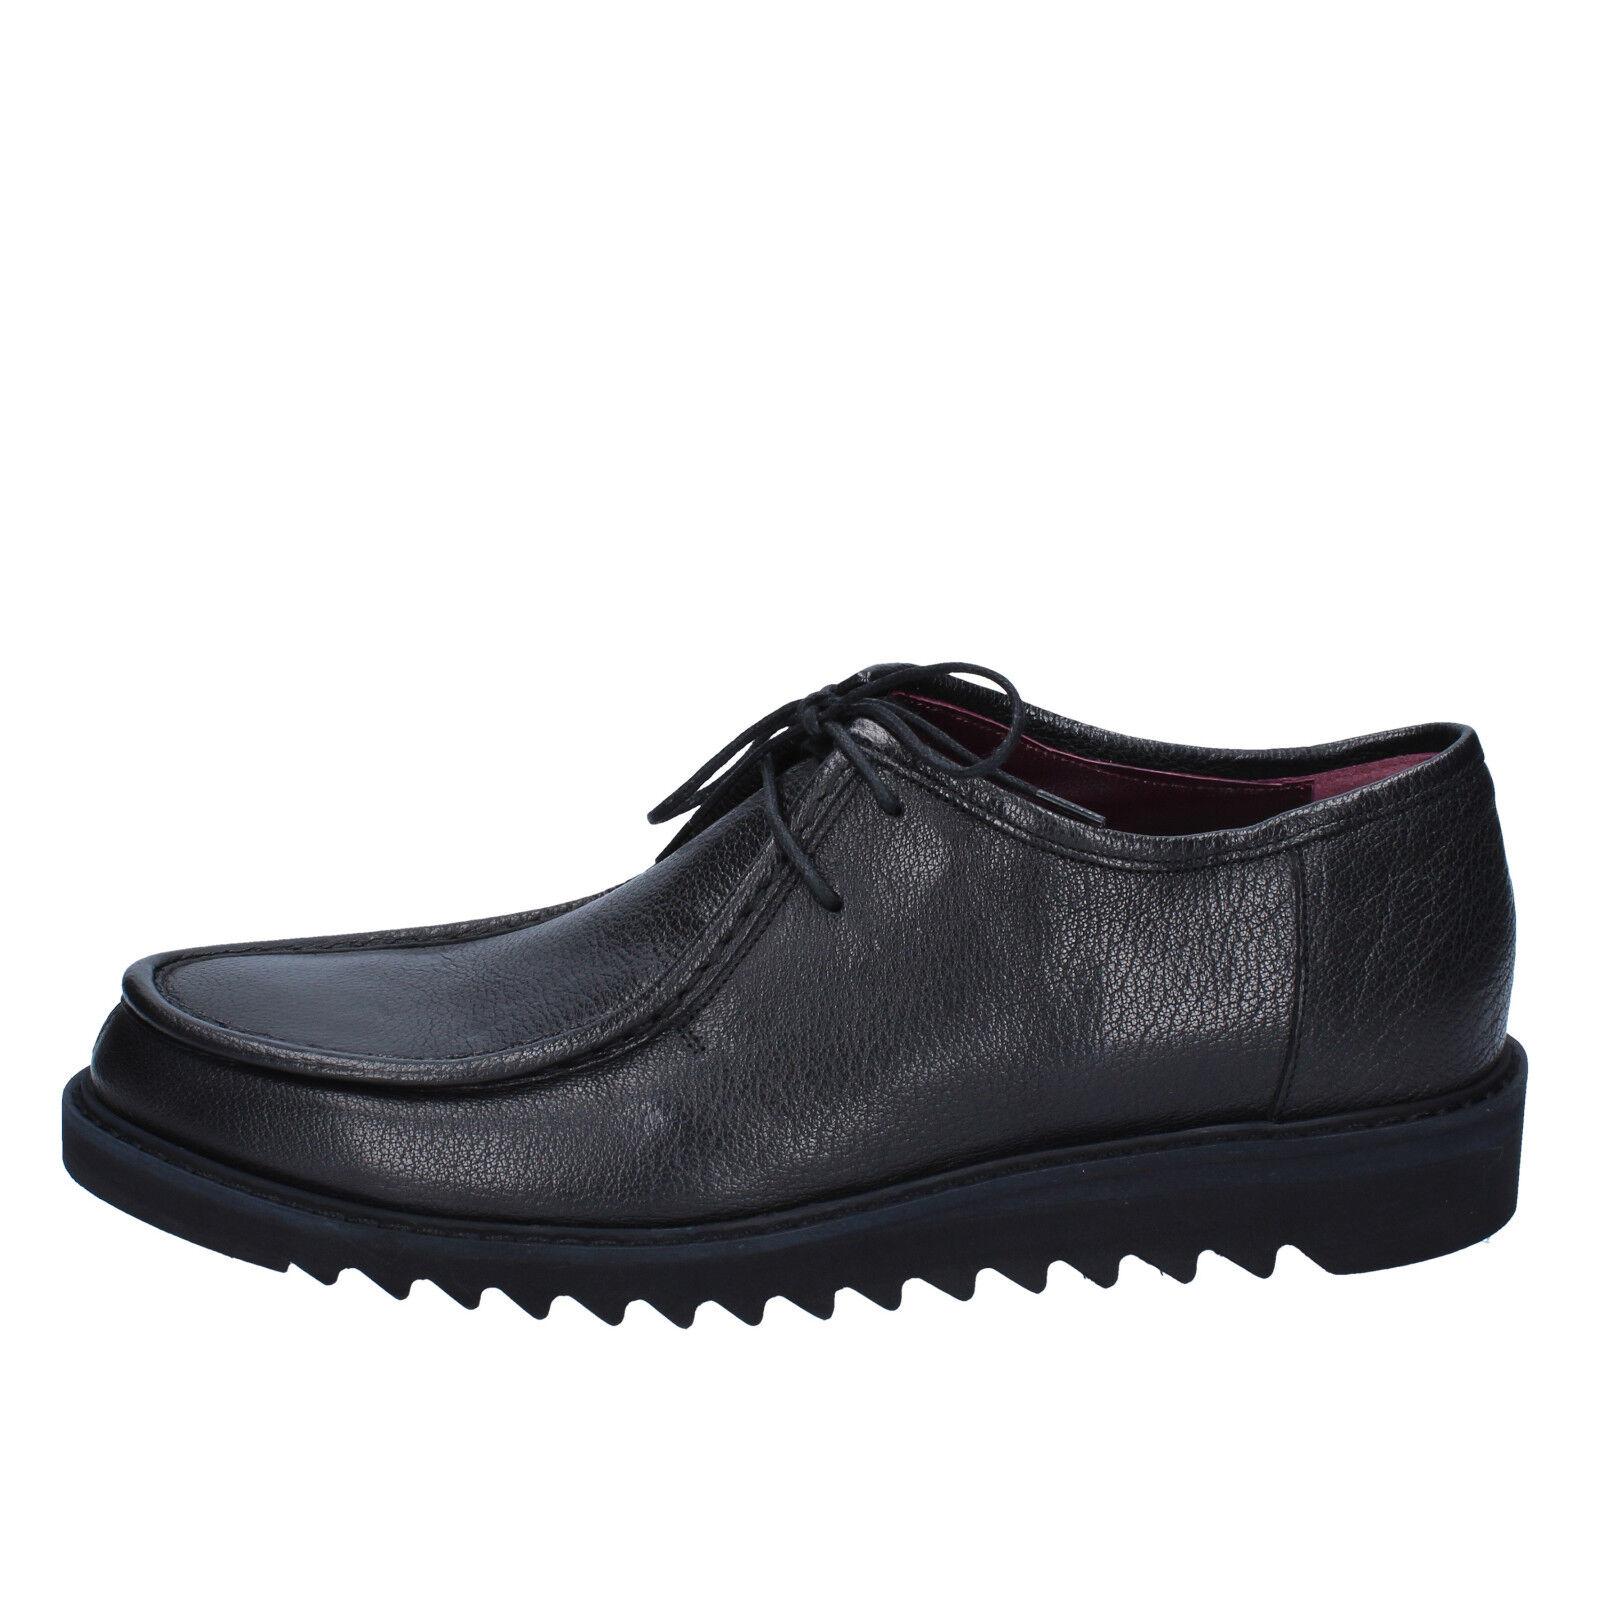 scarpe uomo ROBERTO BOTTICELLI 42 classiche nero pelle  BY588-42